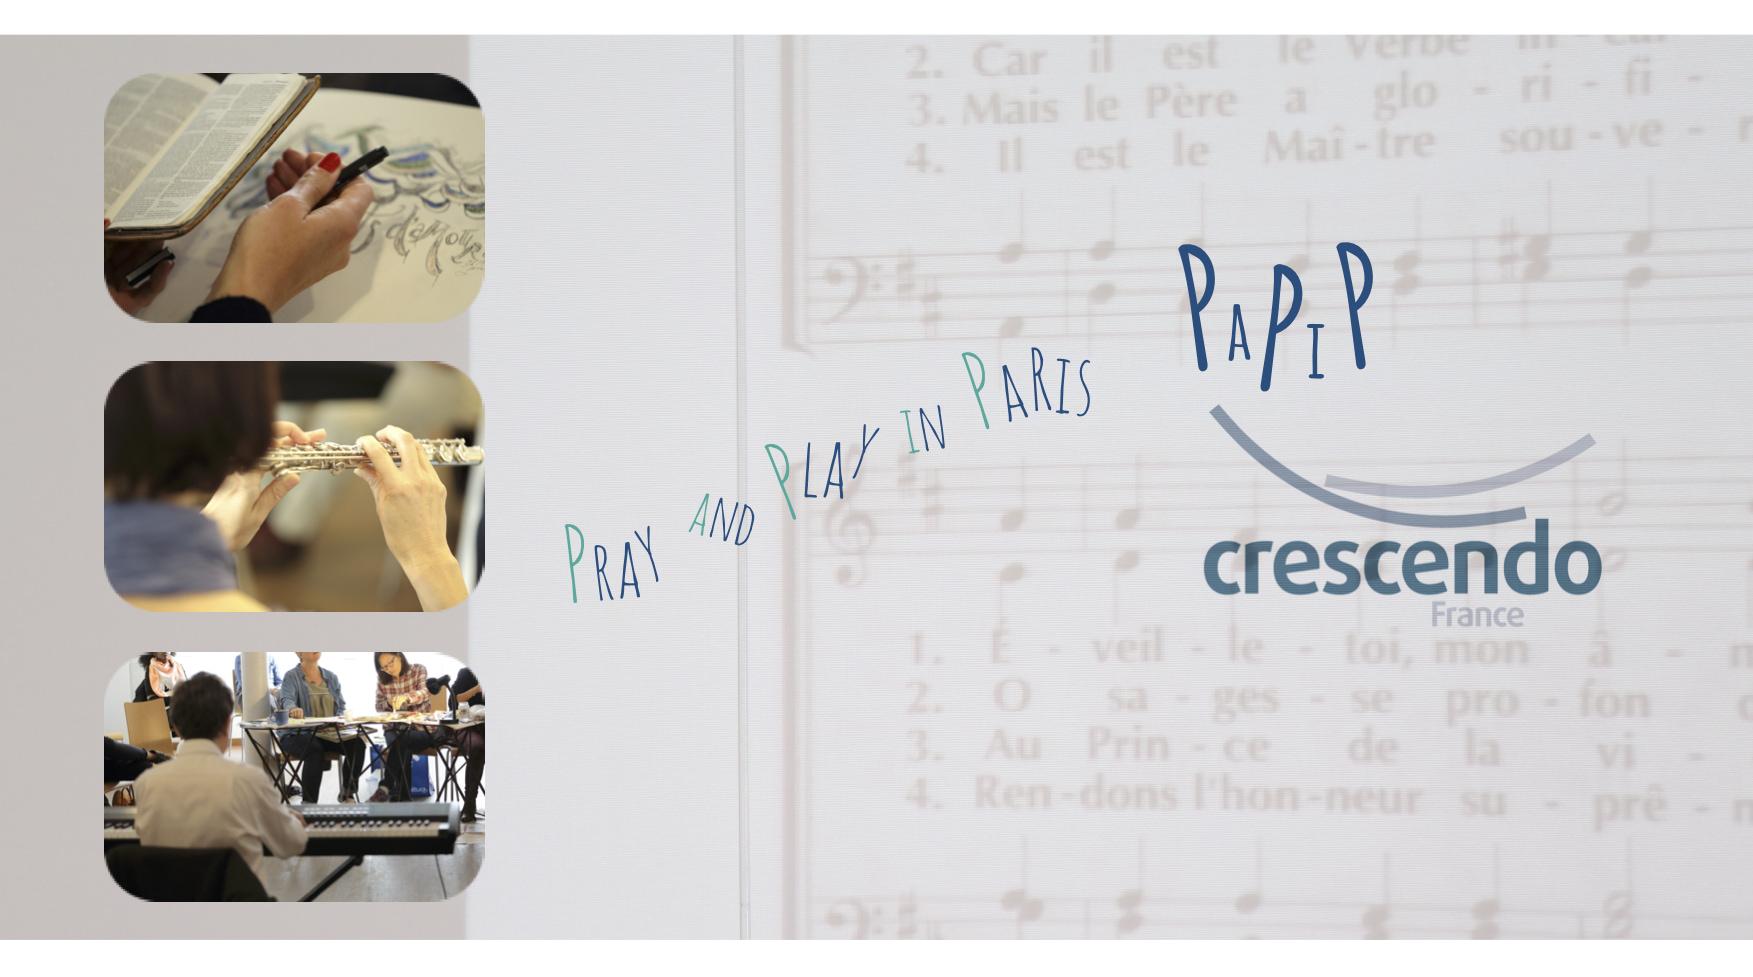 L'équipe de Crescendo France vous présente ses meilleurs vœux pour 2019 et vous invite à notre prochaine rencontre : Samedi 19 janvier 2019 de 10h à 12h Play and Pray au Pavé d'Orsay, 48, rue de Lille 75007 Paris Café d'accueil à partir de 9h30. Si vous ne pouvez pas participer à notre rencontre, n'hésitez-pas à nous faire parvenir vos éventuels sujets de prière. Ainsi, nous serons unis malgré la distance. Venez avec ou sans instrument, un piano numérique est à votre disposition sur place. Au programme : Prière, Louange, Musique classique et jazz, improvisées ou pas, et également Peinture, Poésie...